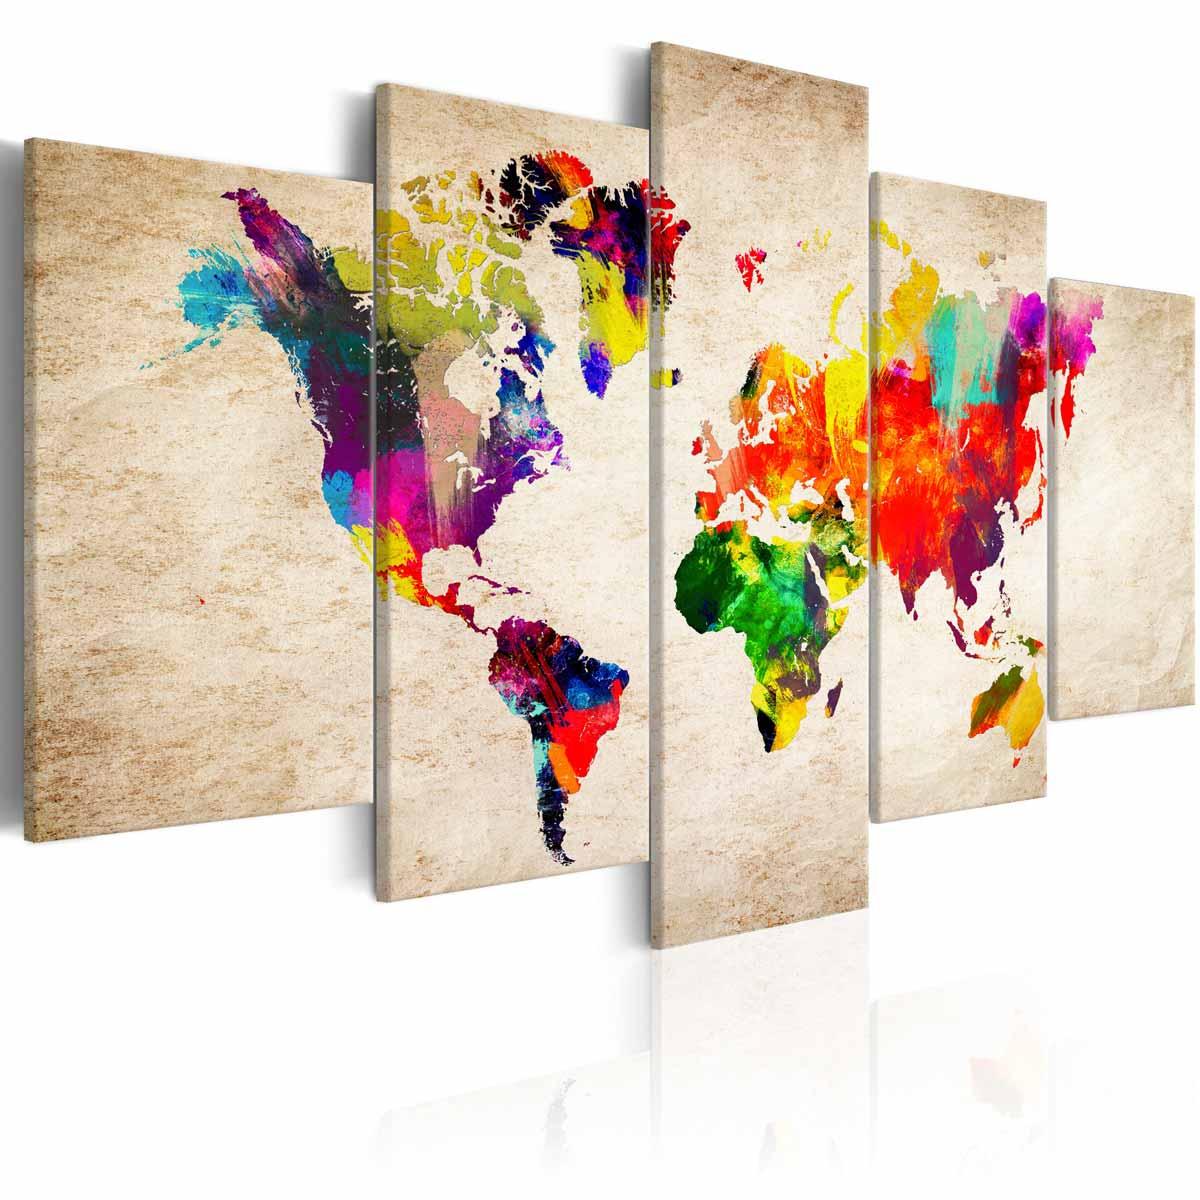 ARTGEIST Verdenskort Abstract Fantasy billede - multifarvet print, 5-delt - Flere størrelser 100x50